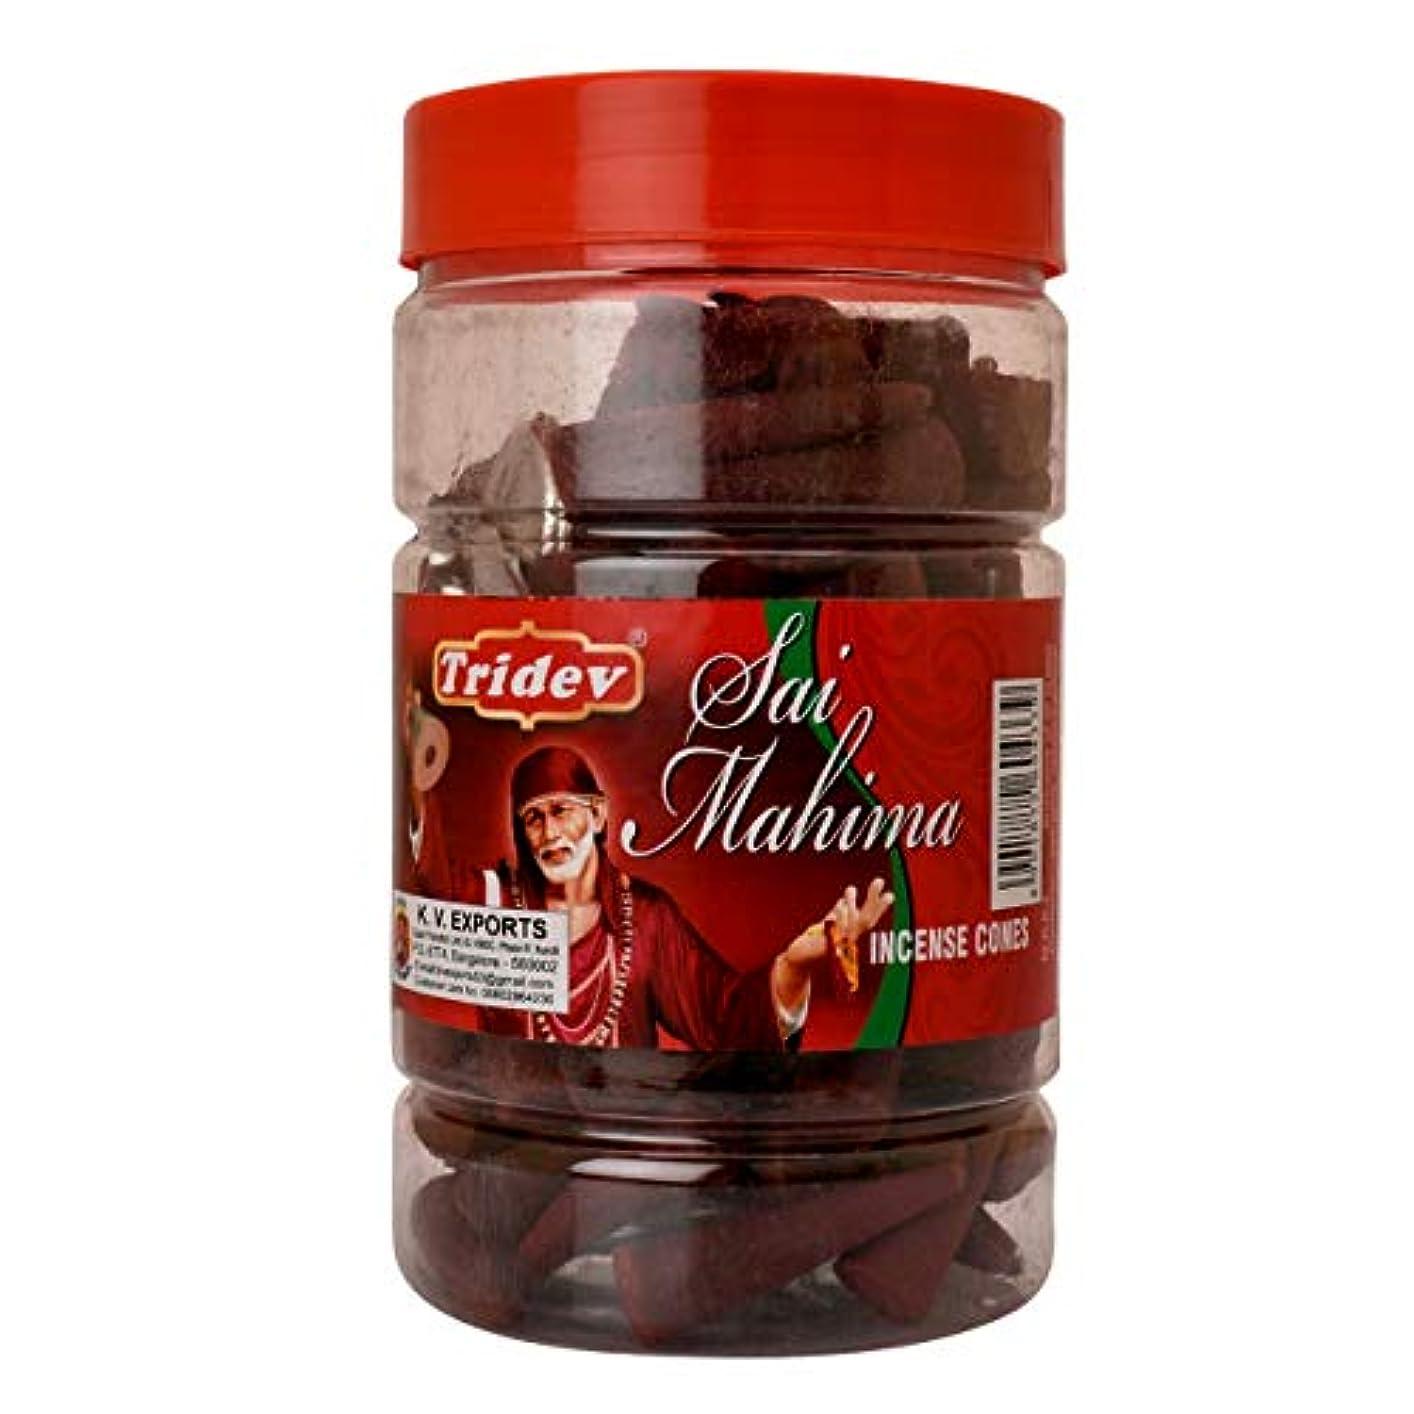 説得力のあるおもしろいベーシックTridev Sai Mahima フレグランス コーン型お香瓶 1350グラム ボックス入り | 6瓶 225グラム 箱入り | 輸出品質